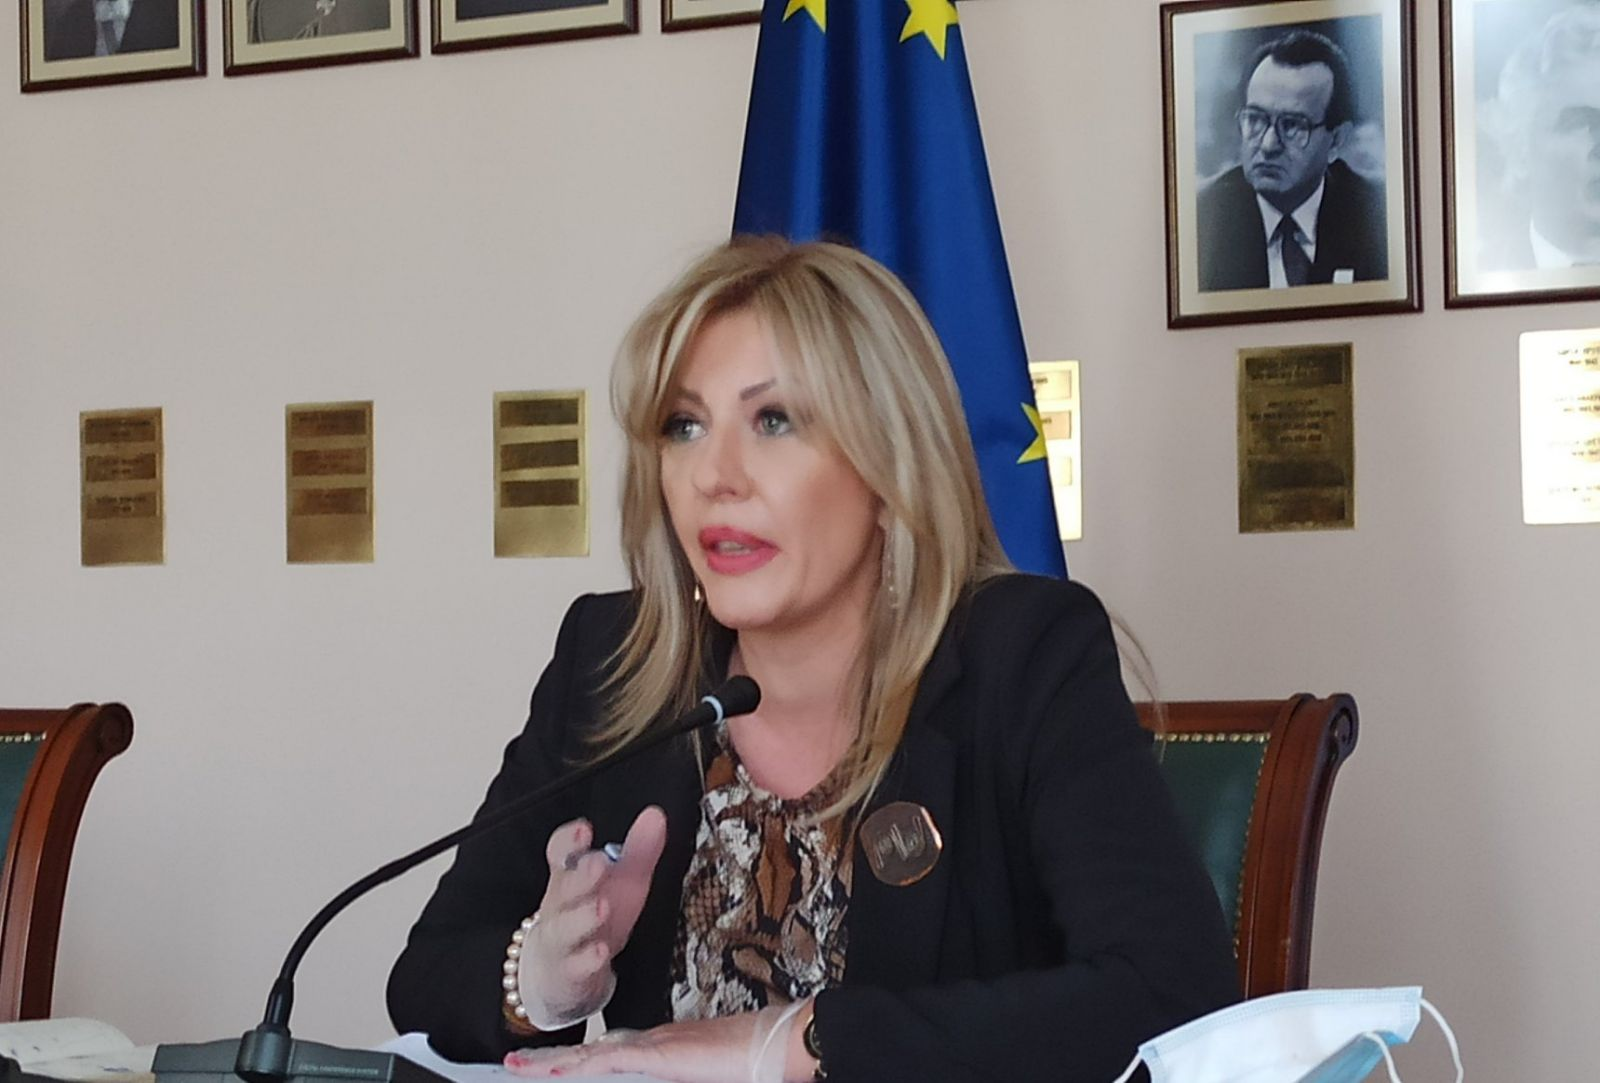 Ј. Јоксимовић: ЕУ ће повећати средства за опоравак Србије и ЗБ